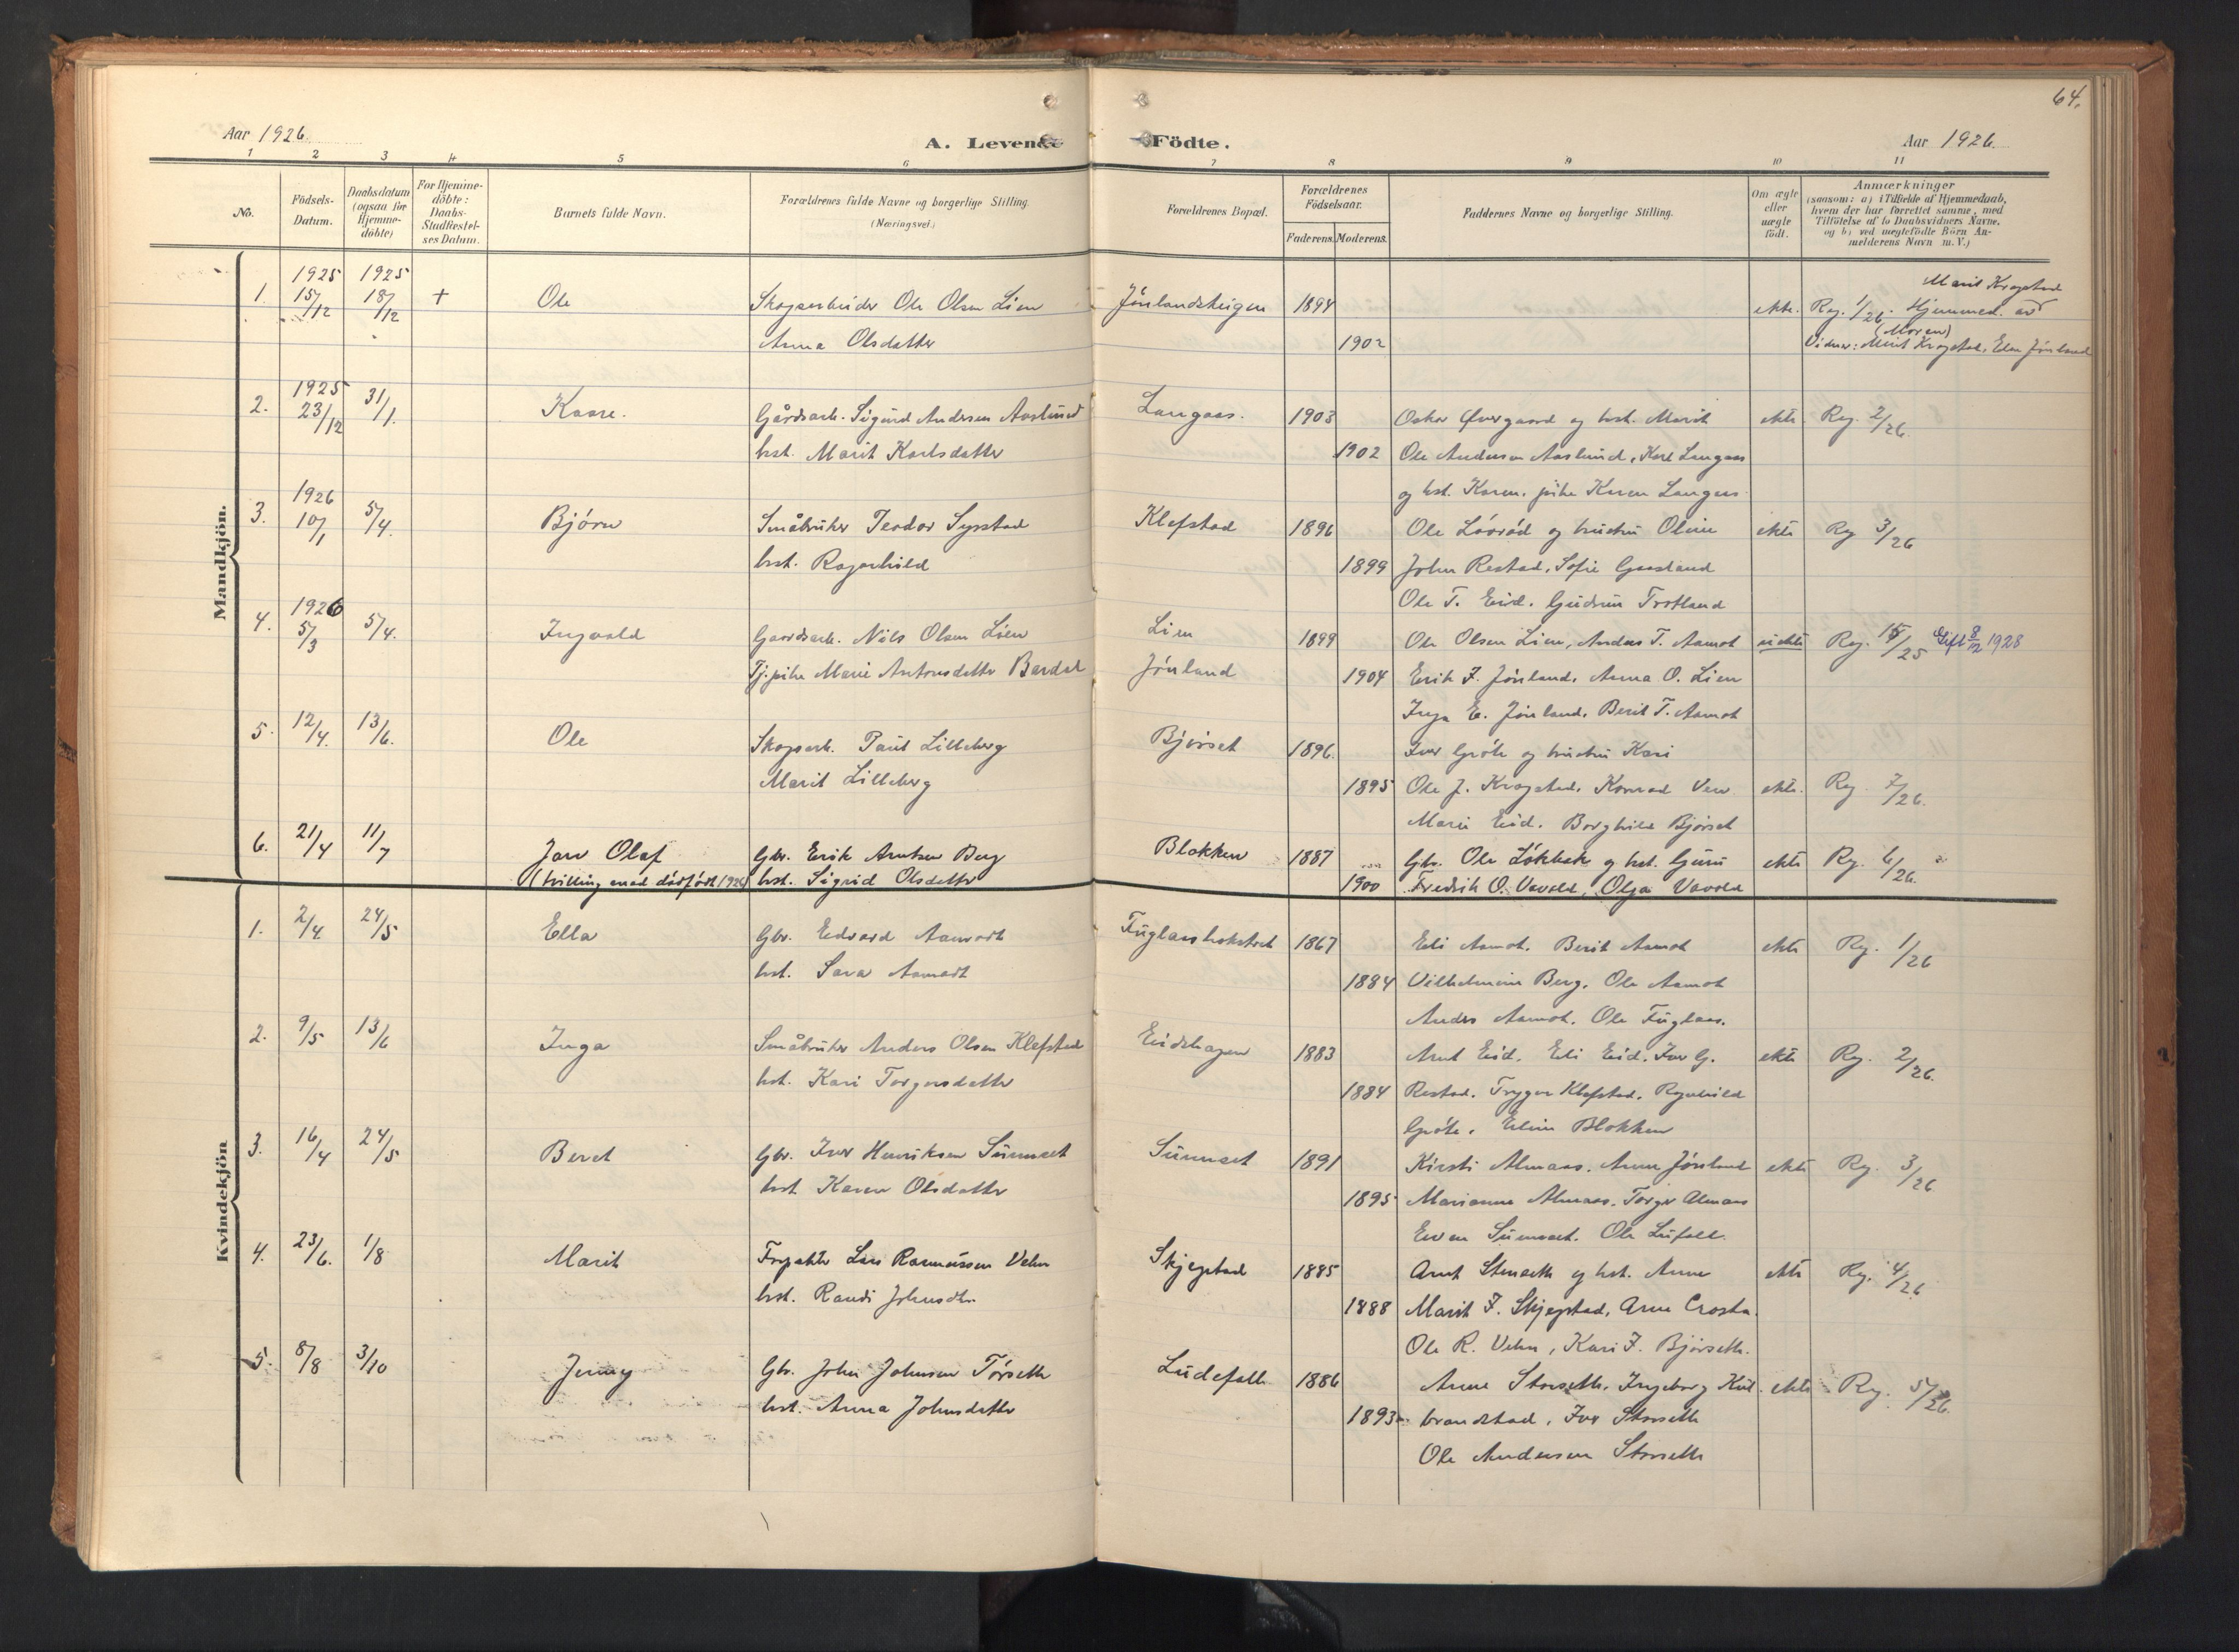 SAT, Ministerialprotokoller, klokkerbøker og fødselsregistre - Sør-Trøndelag, 694/L1128: Ministerialbok nr. 694A02, 1906-1931, s. 64